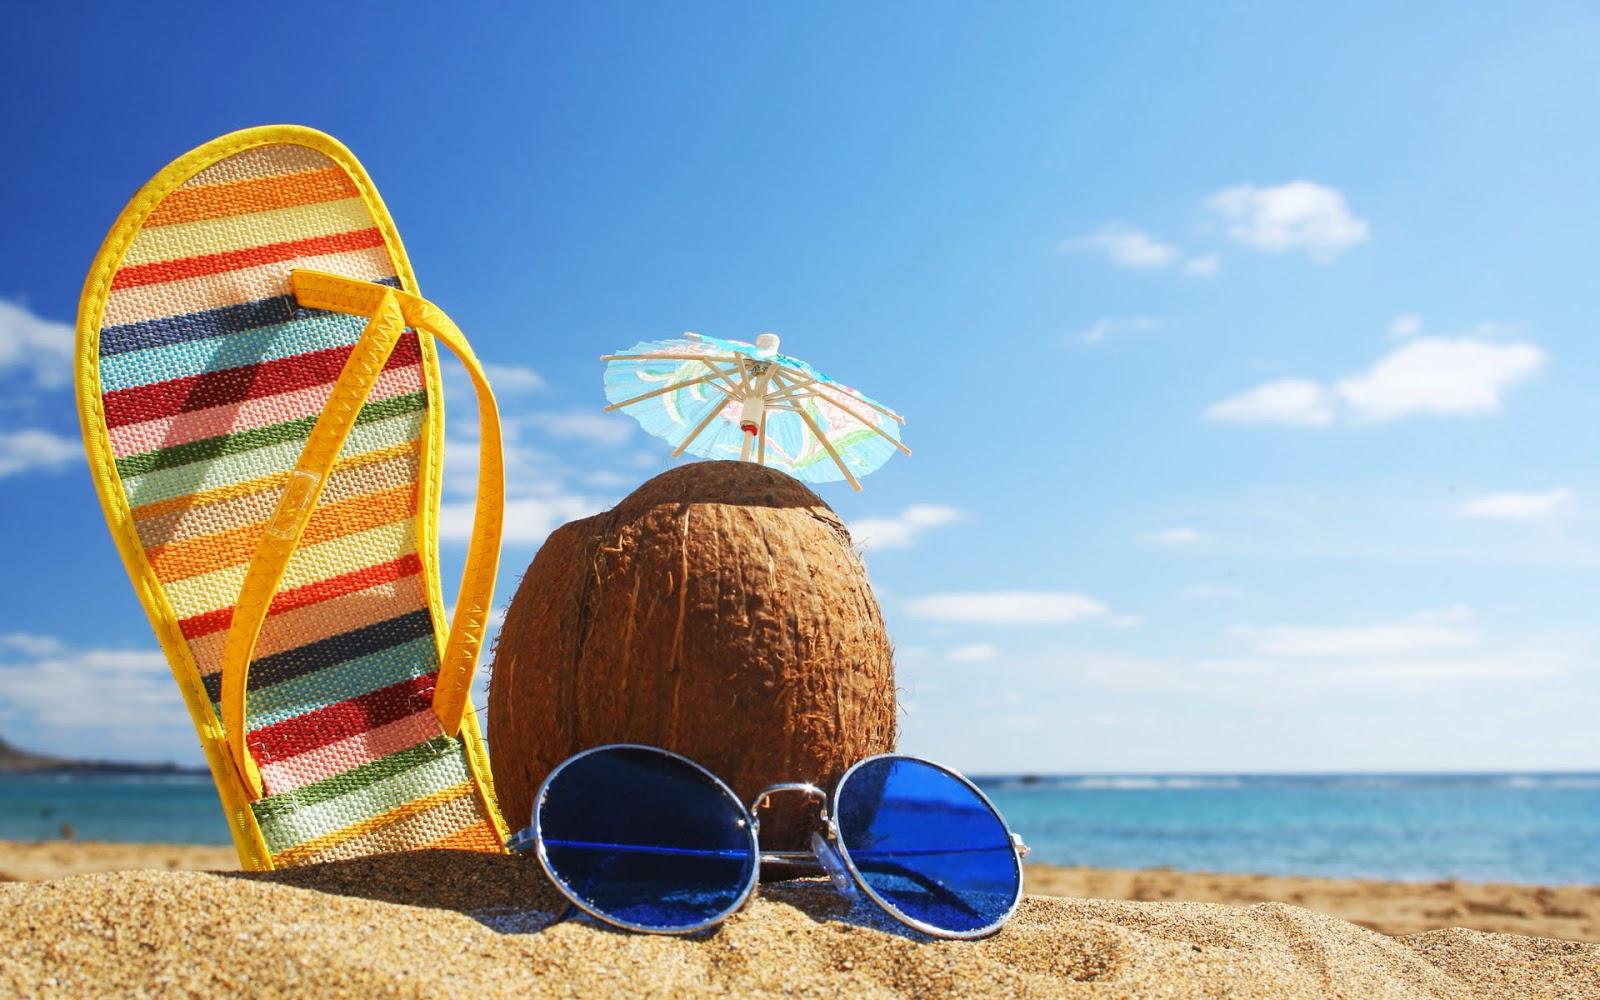 sommer-urlaub-2013-hintergrund-mit-meer-strand-kokosnuss-pantoffeln-und-sonnenbrille-hd-sommer-bilder.jpg